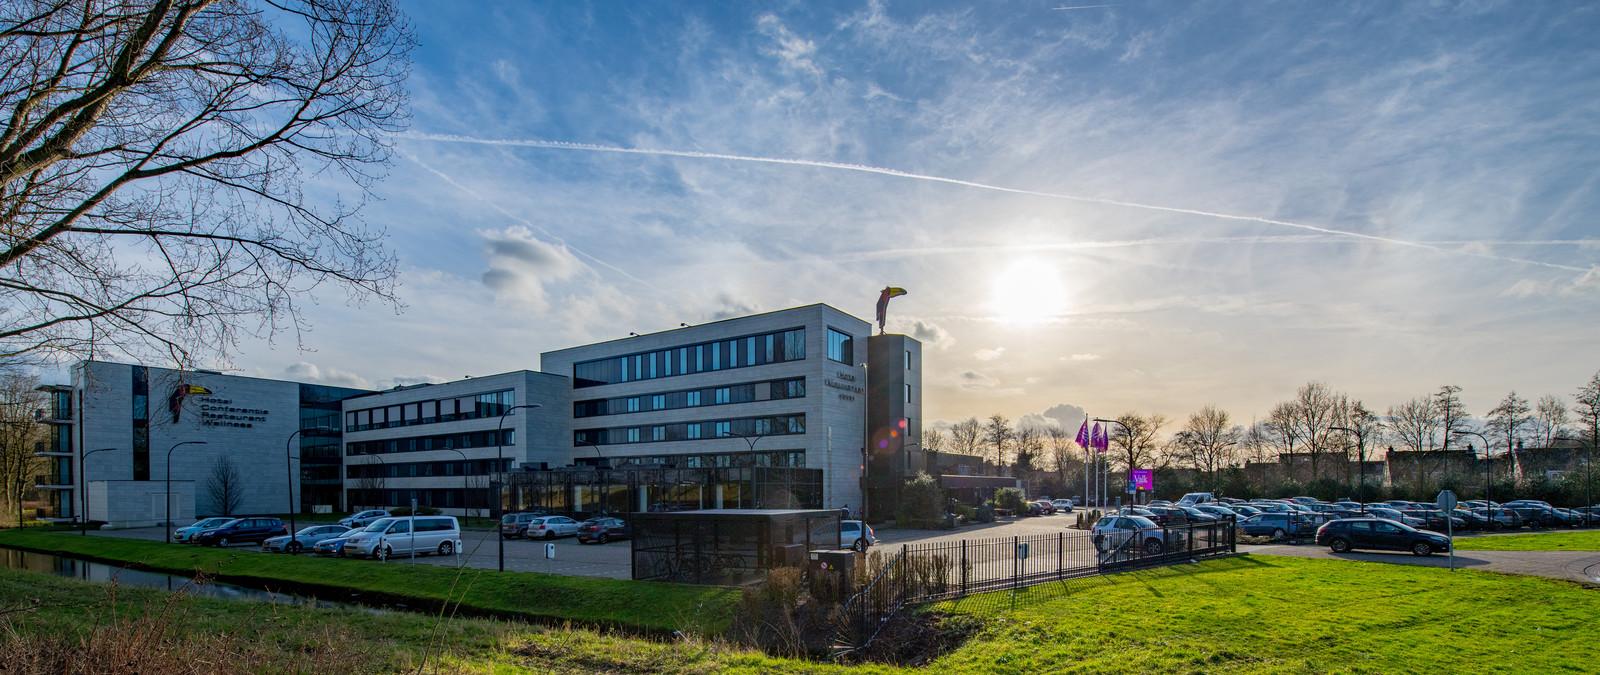 Het Van der Valk Hotel in Nieuwerkerk.